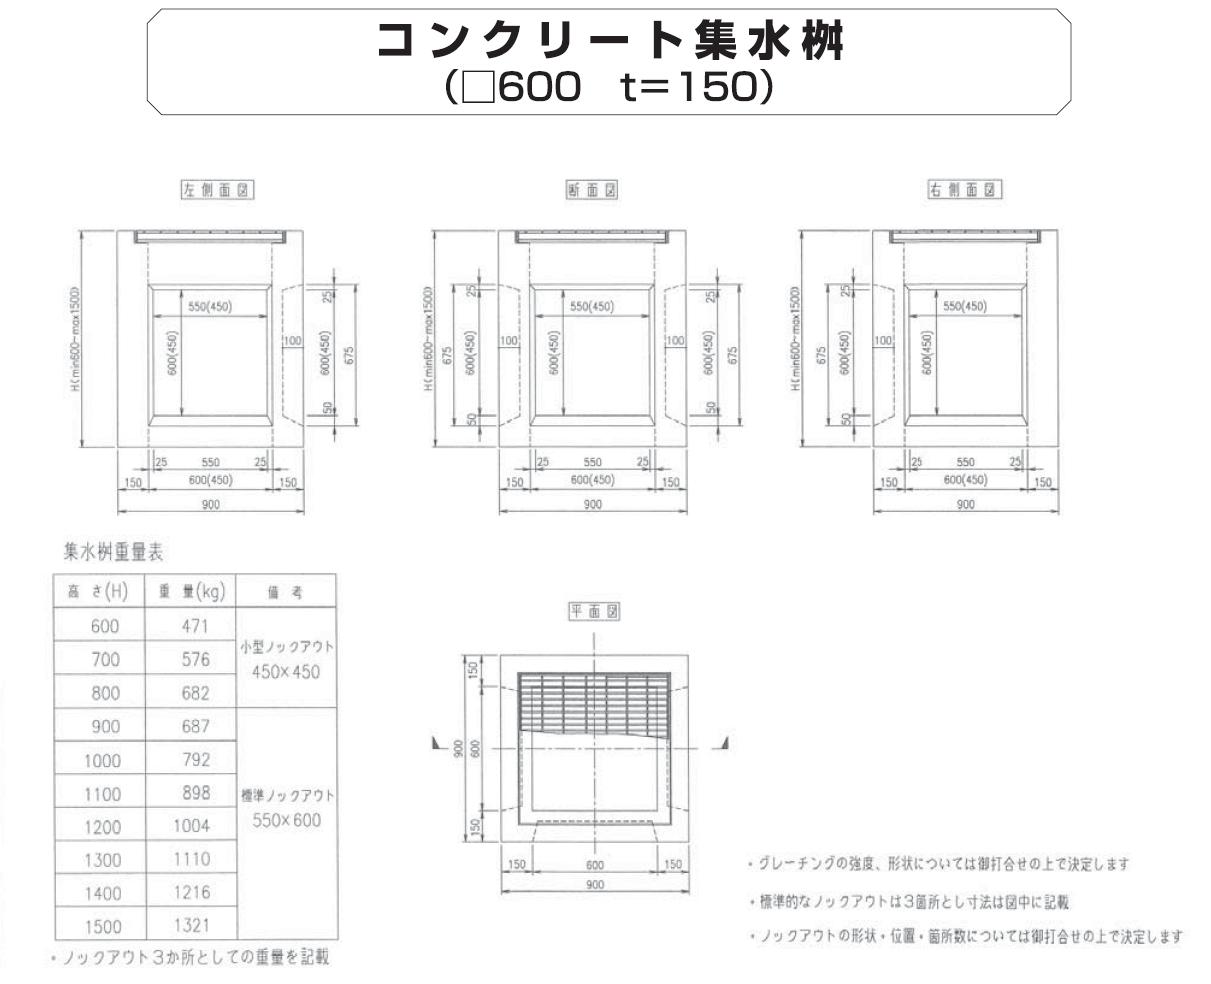 道路用一般製品 コンクリート集水桝 外形寸法 4